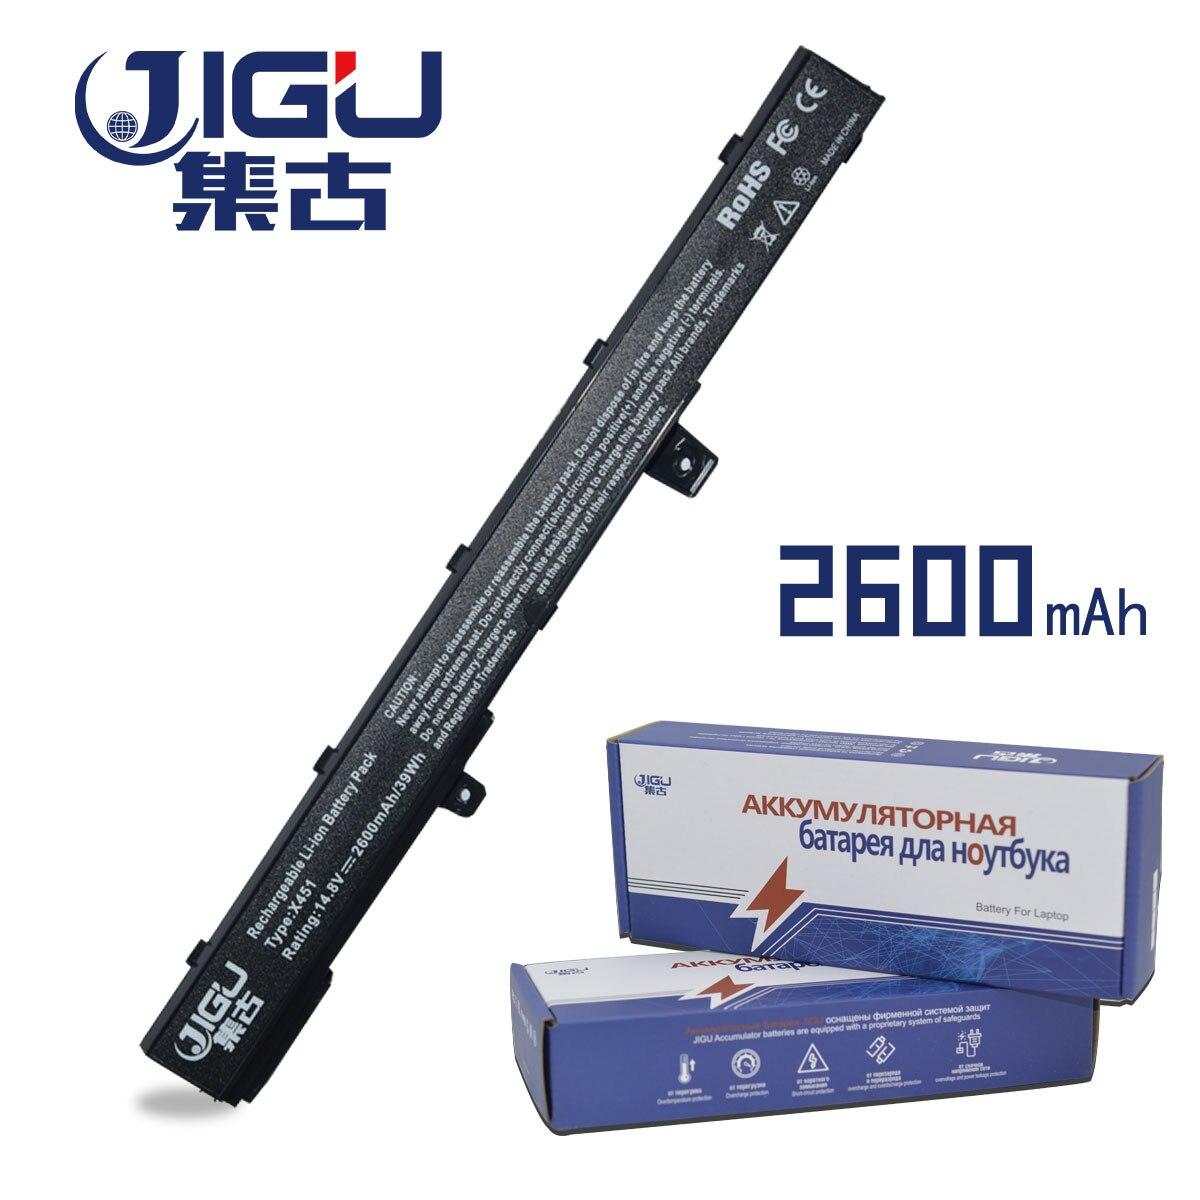 JIGU 2600mah Laptop Battery A31N1319 X551M A41N1308 A31LJ91 For Asus X451CA X451 X551 X451C X451M X551C X551CA